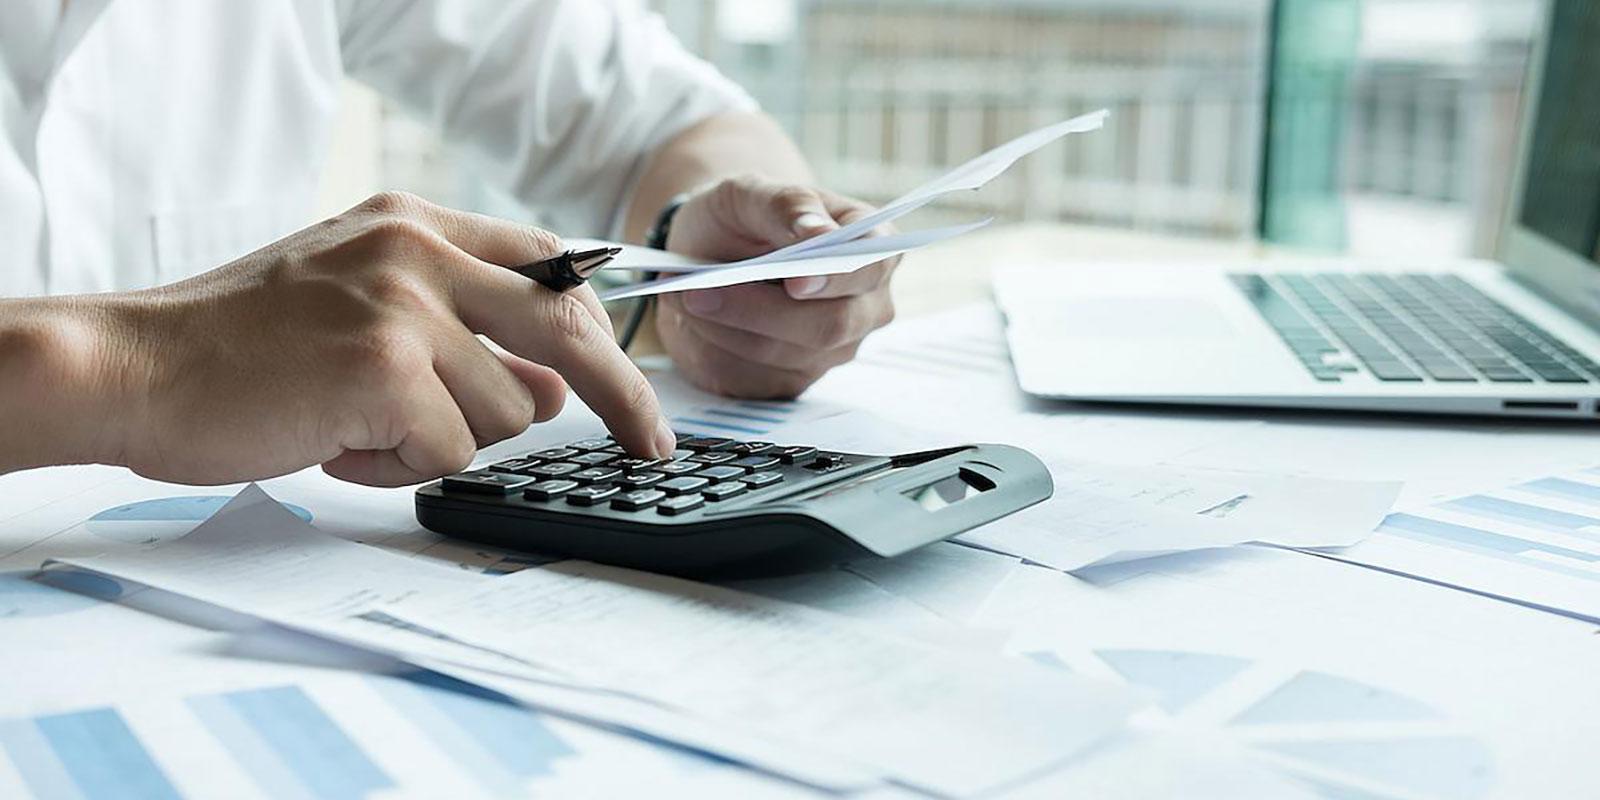 Paušální daň 2021. Komu se tato daňová novinka vyplatí a komu ne?